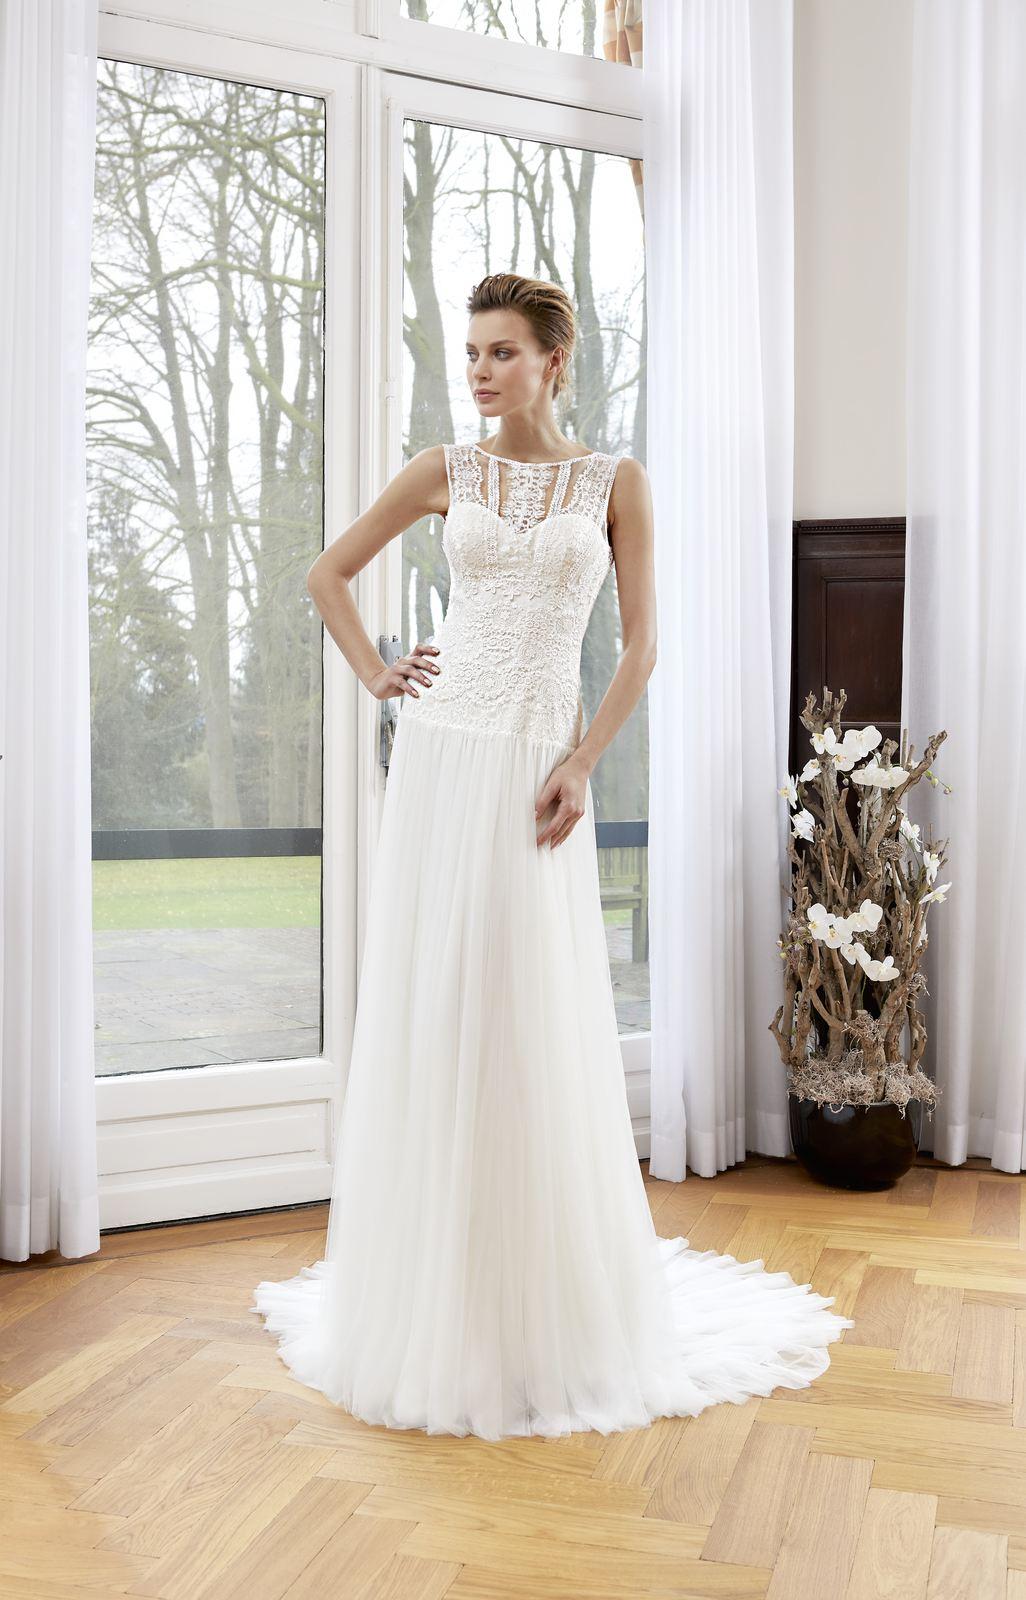 Charmant Brautkleid änderungen Atlanta Galerie - Hochzeit Kleid ...